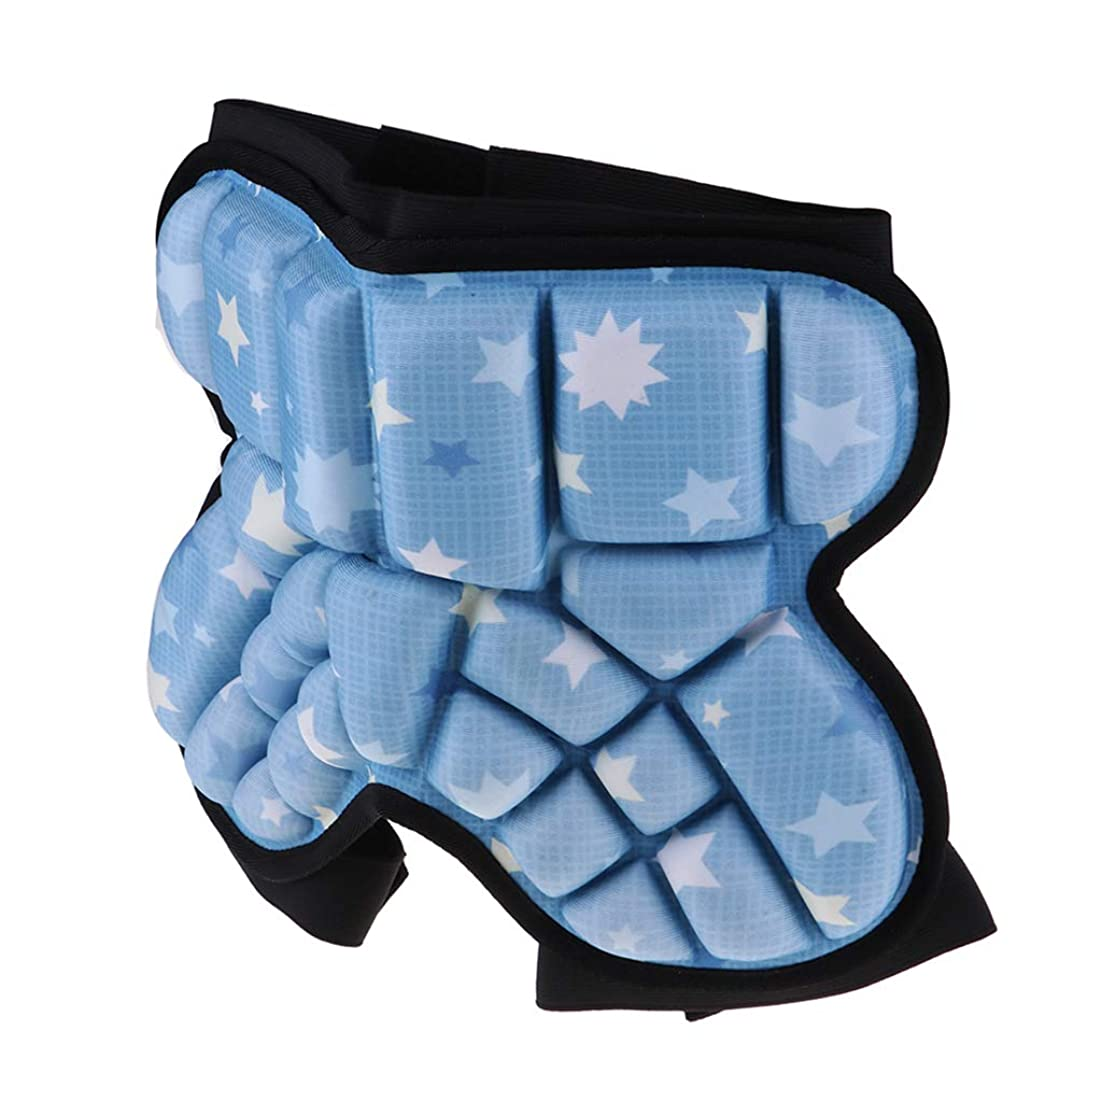 ワイプ本質的にリードD DOLITY キッズ ヒッププロテクター パンツ 腰椎/お尻/尾骨/股間ガード スノーボード スケート